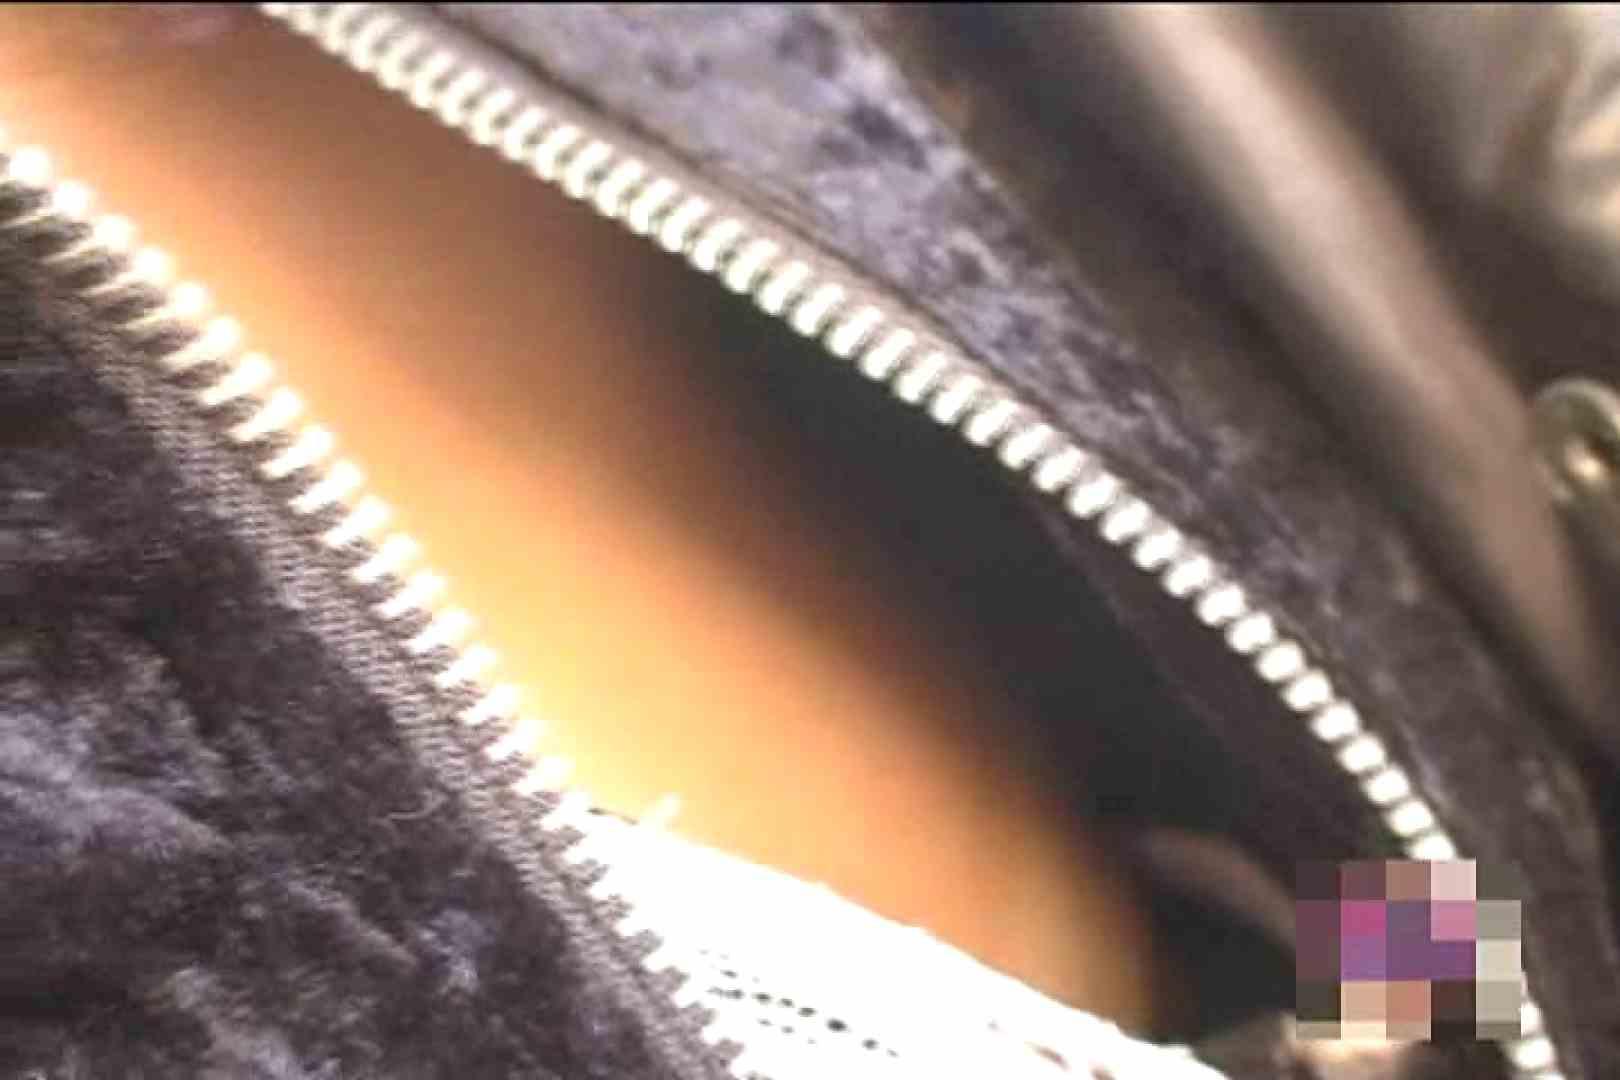 大胆露出胸チラギャル大量発生中!!Vol.6 胸チラ 盗撮戯れ無修正画像 91画像 44